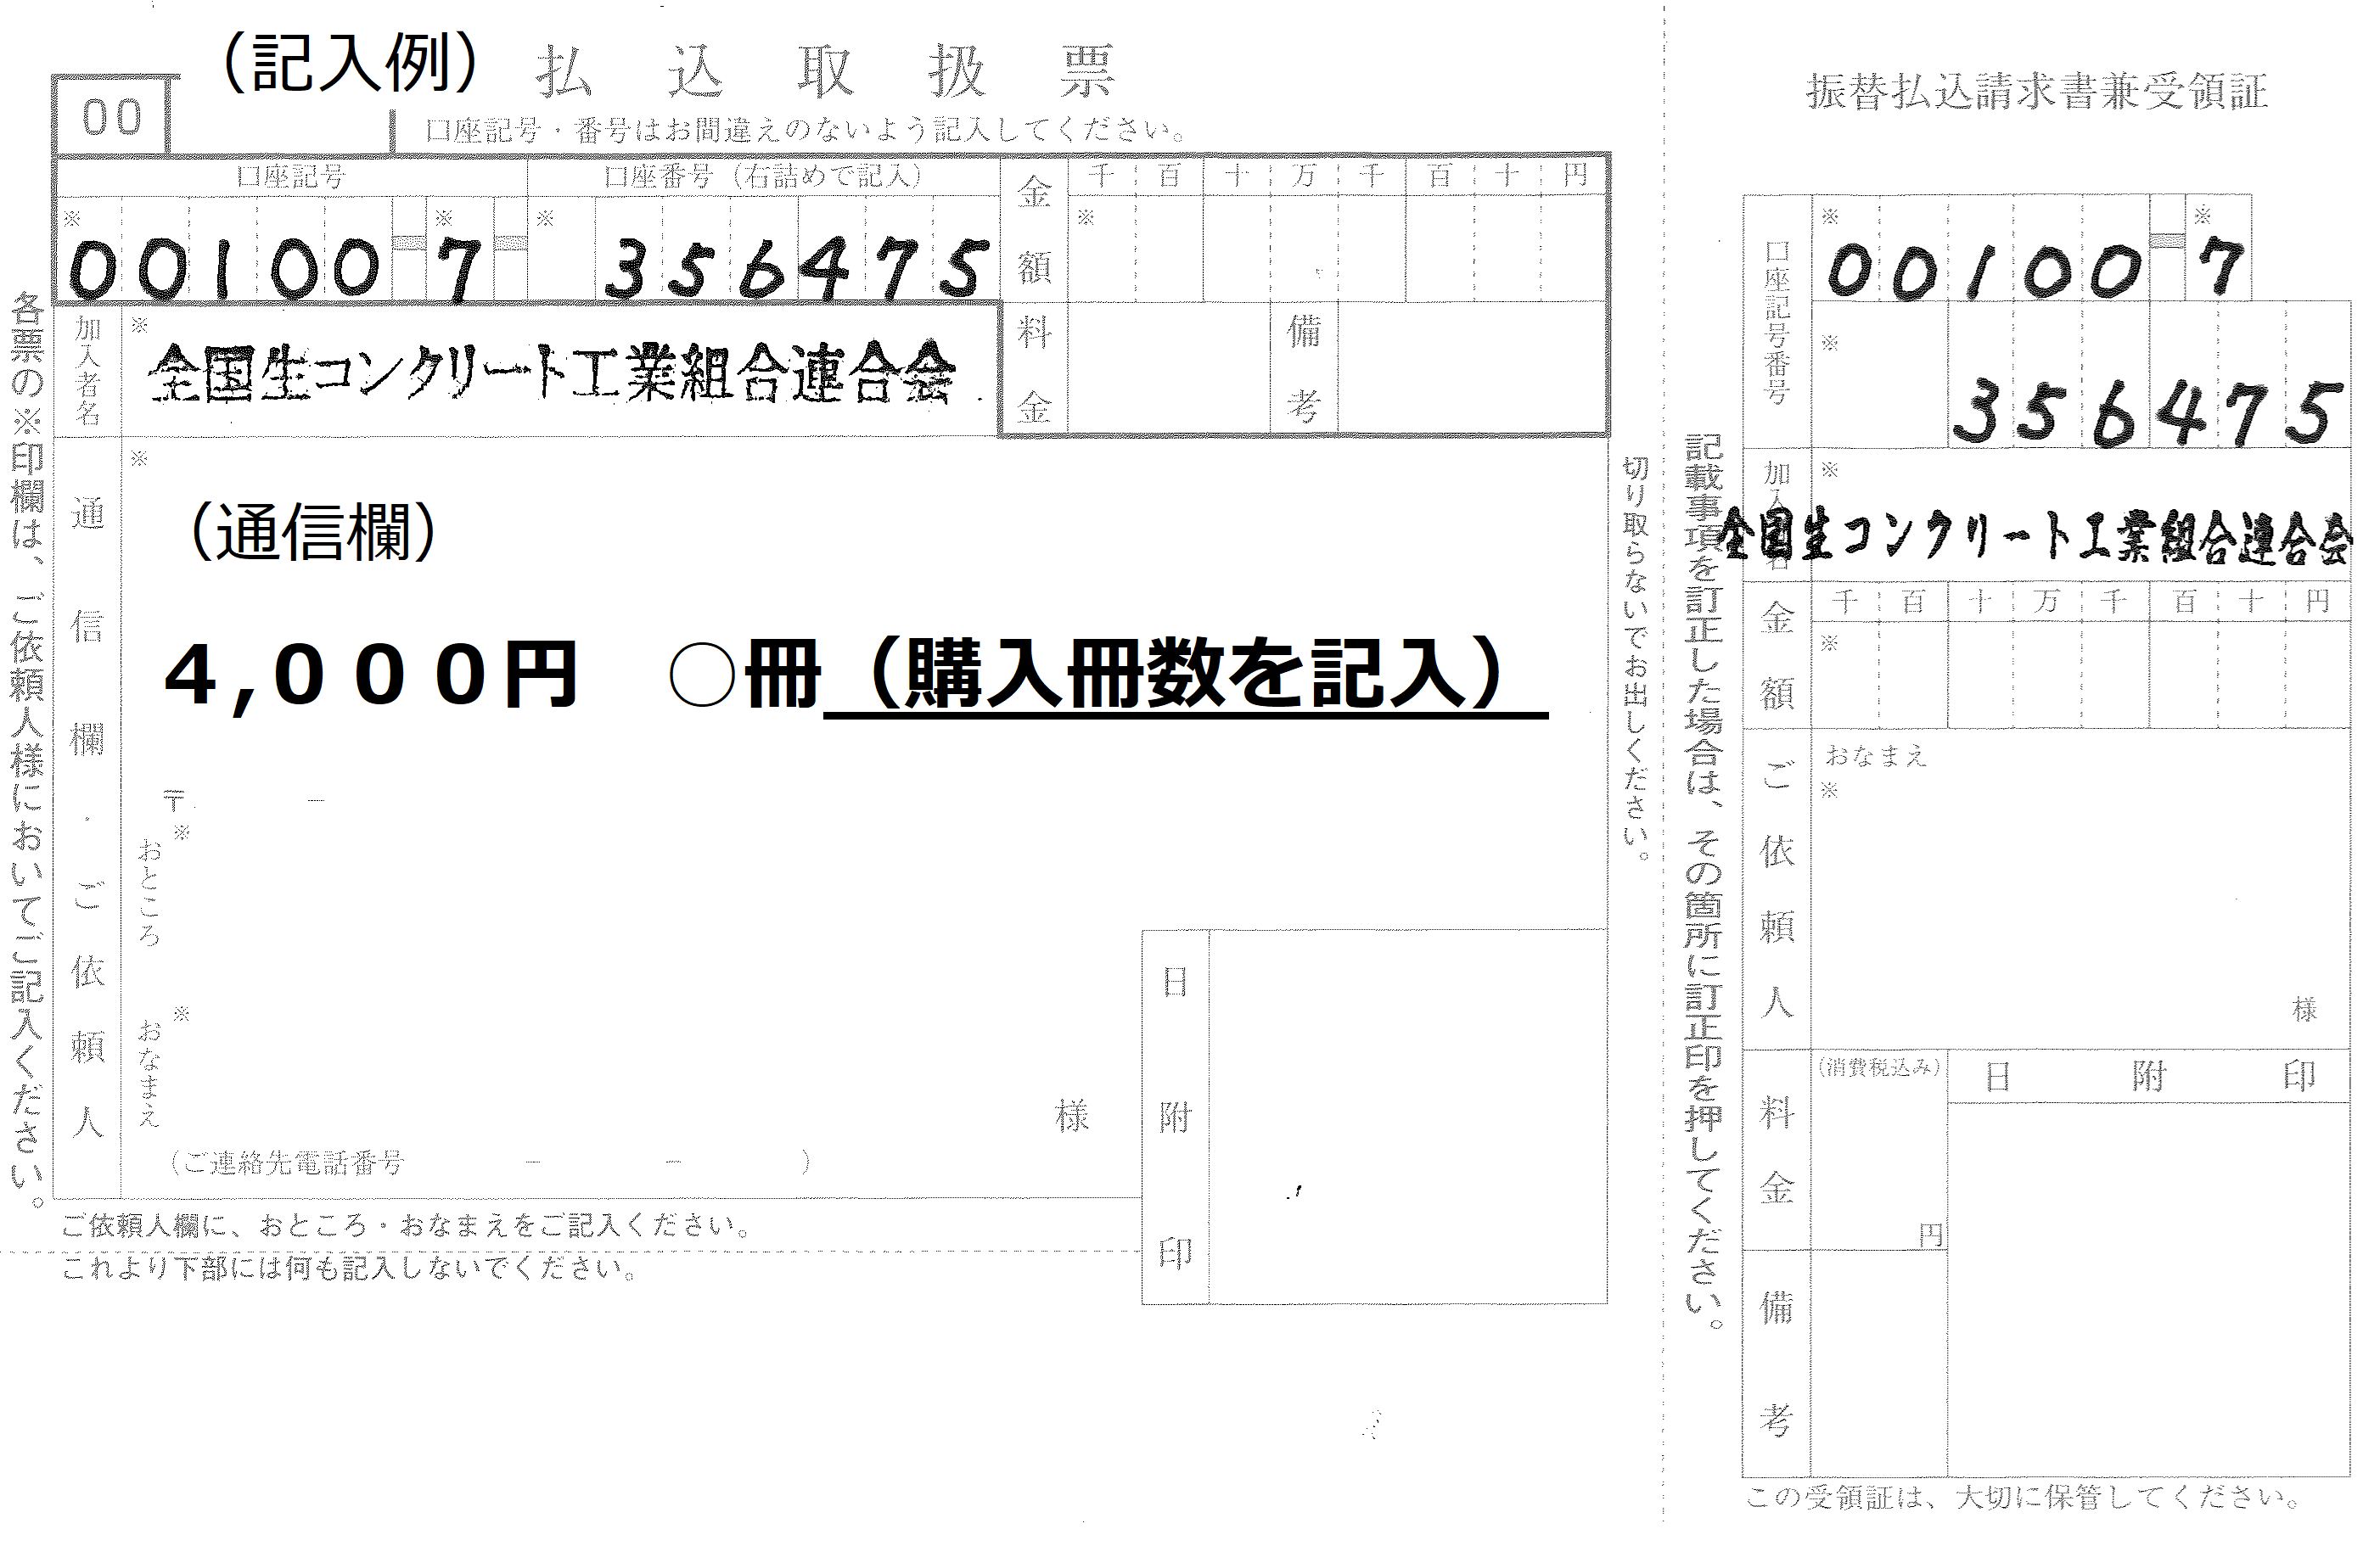 払込取扱票記入例 技術大会2021論文集4,000円